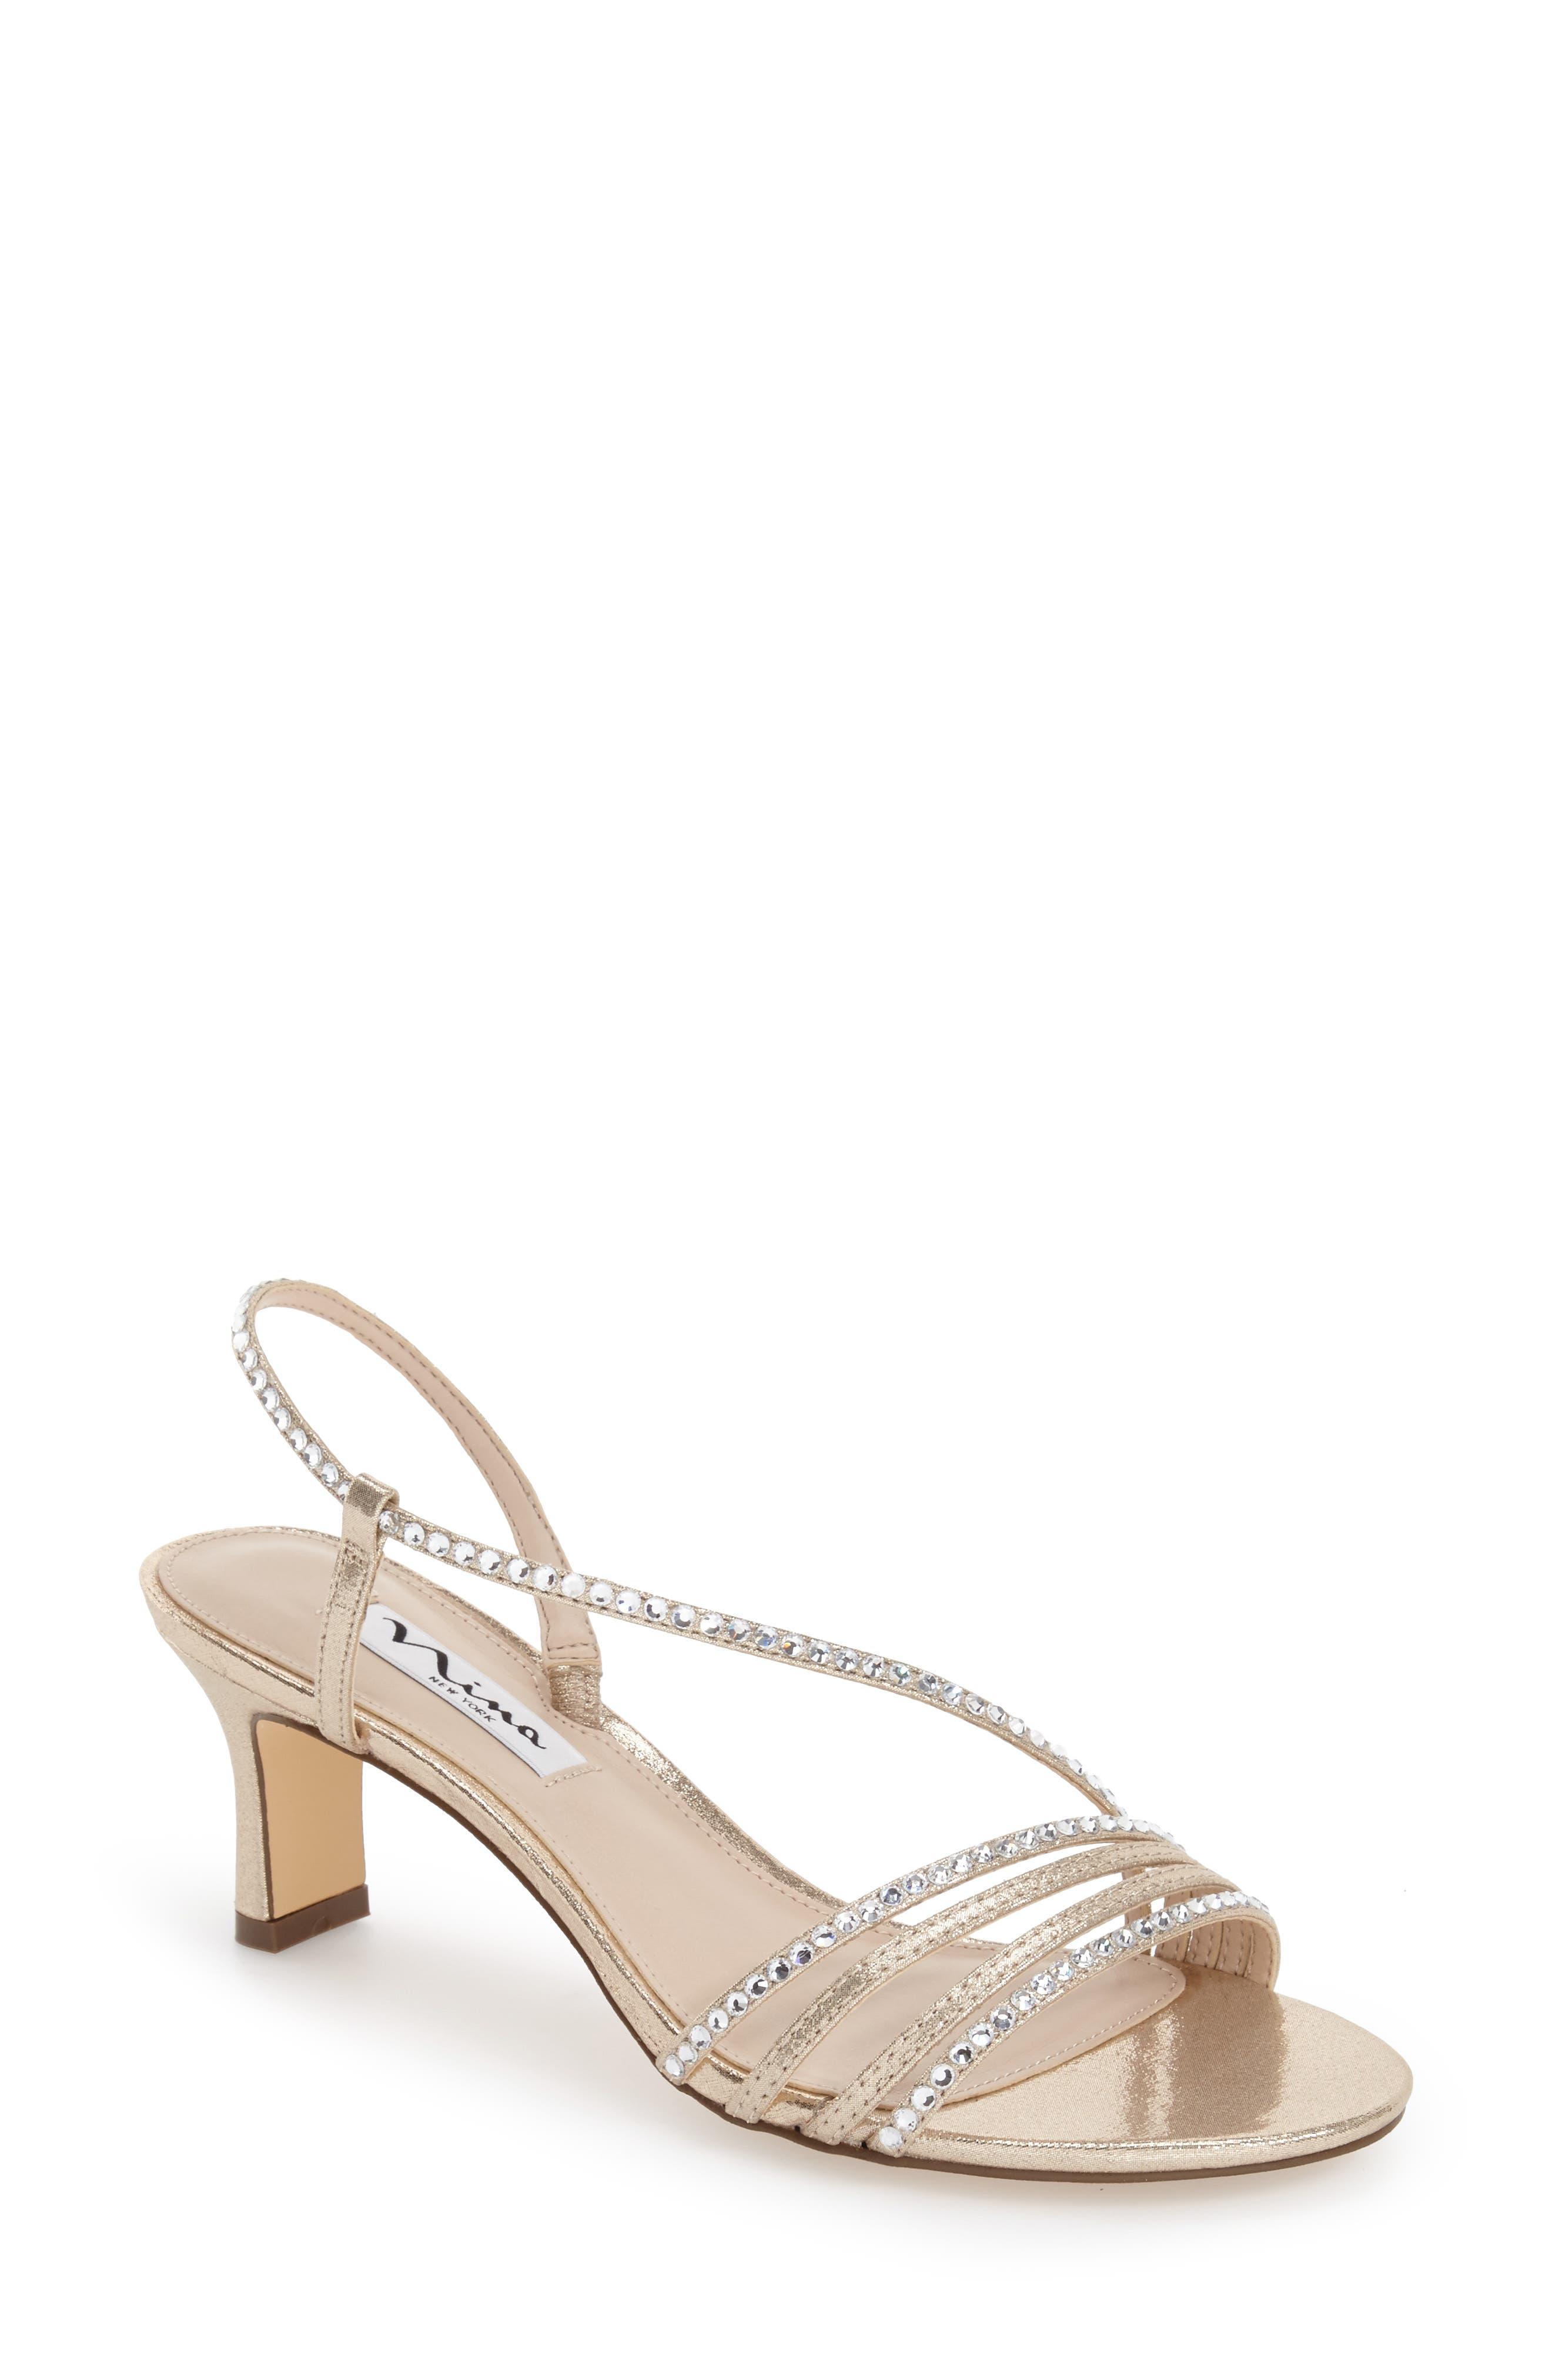 'Gerri' Embellished Slingback Sandal,                         Main,                         color, TAUPE SUEDE